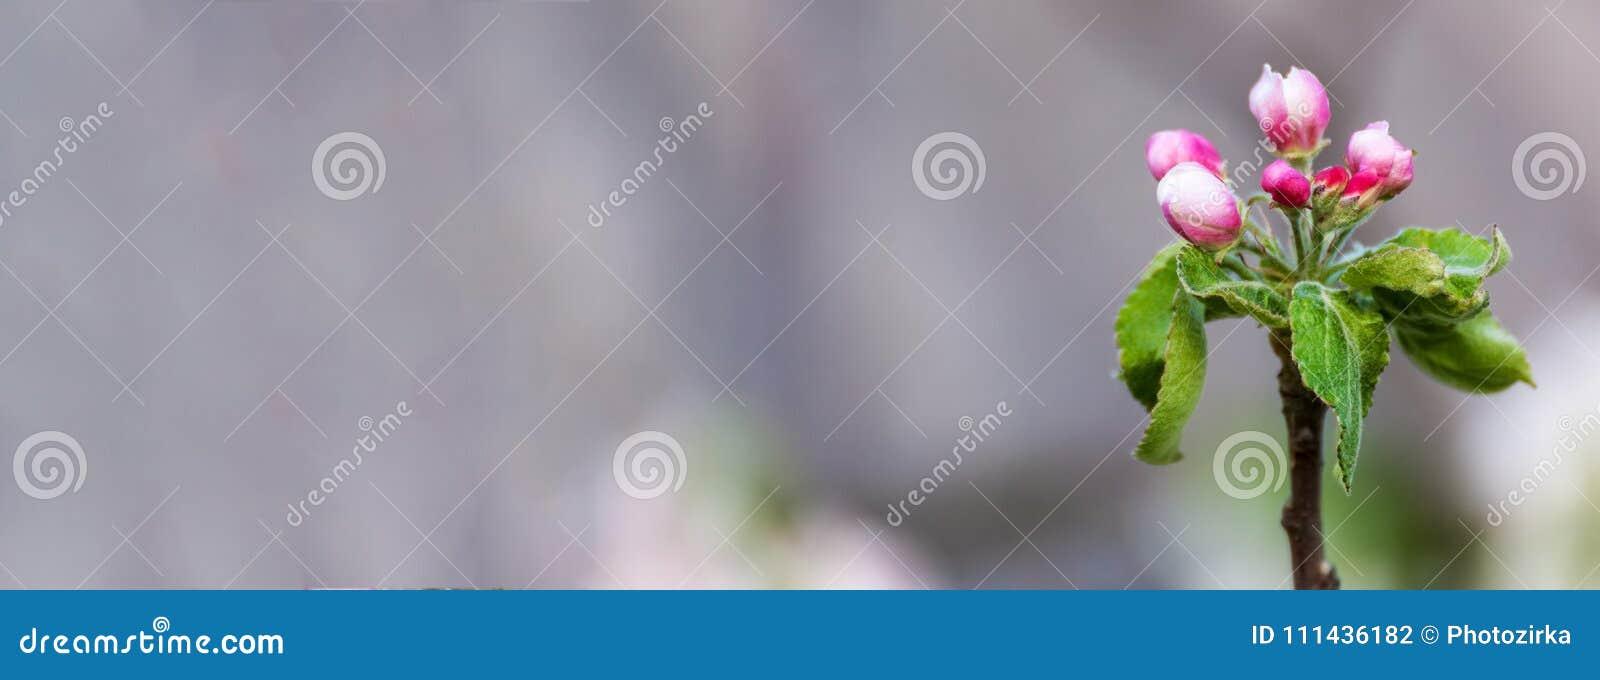 Pommier Avec Les Bourgeons Devoiles Par Rose Photo Stock Image Du